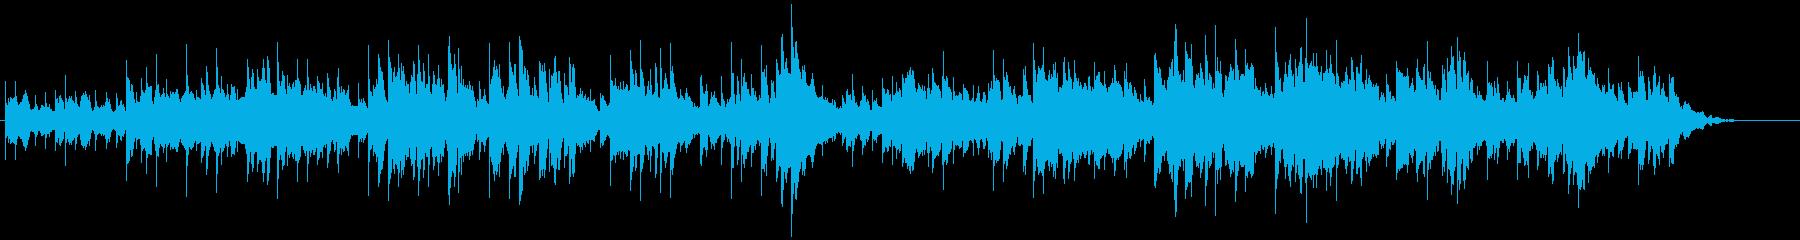 伝統的なクリスマス曲の再生済みの波形